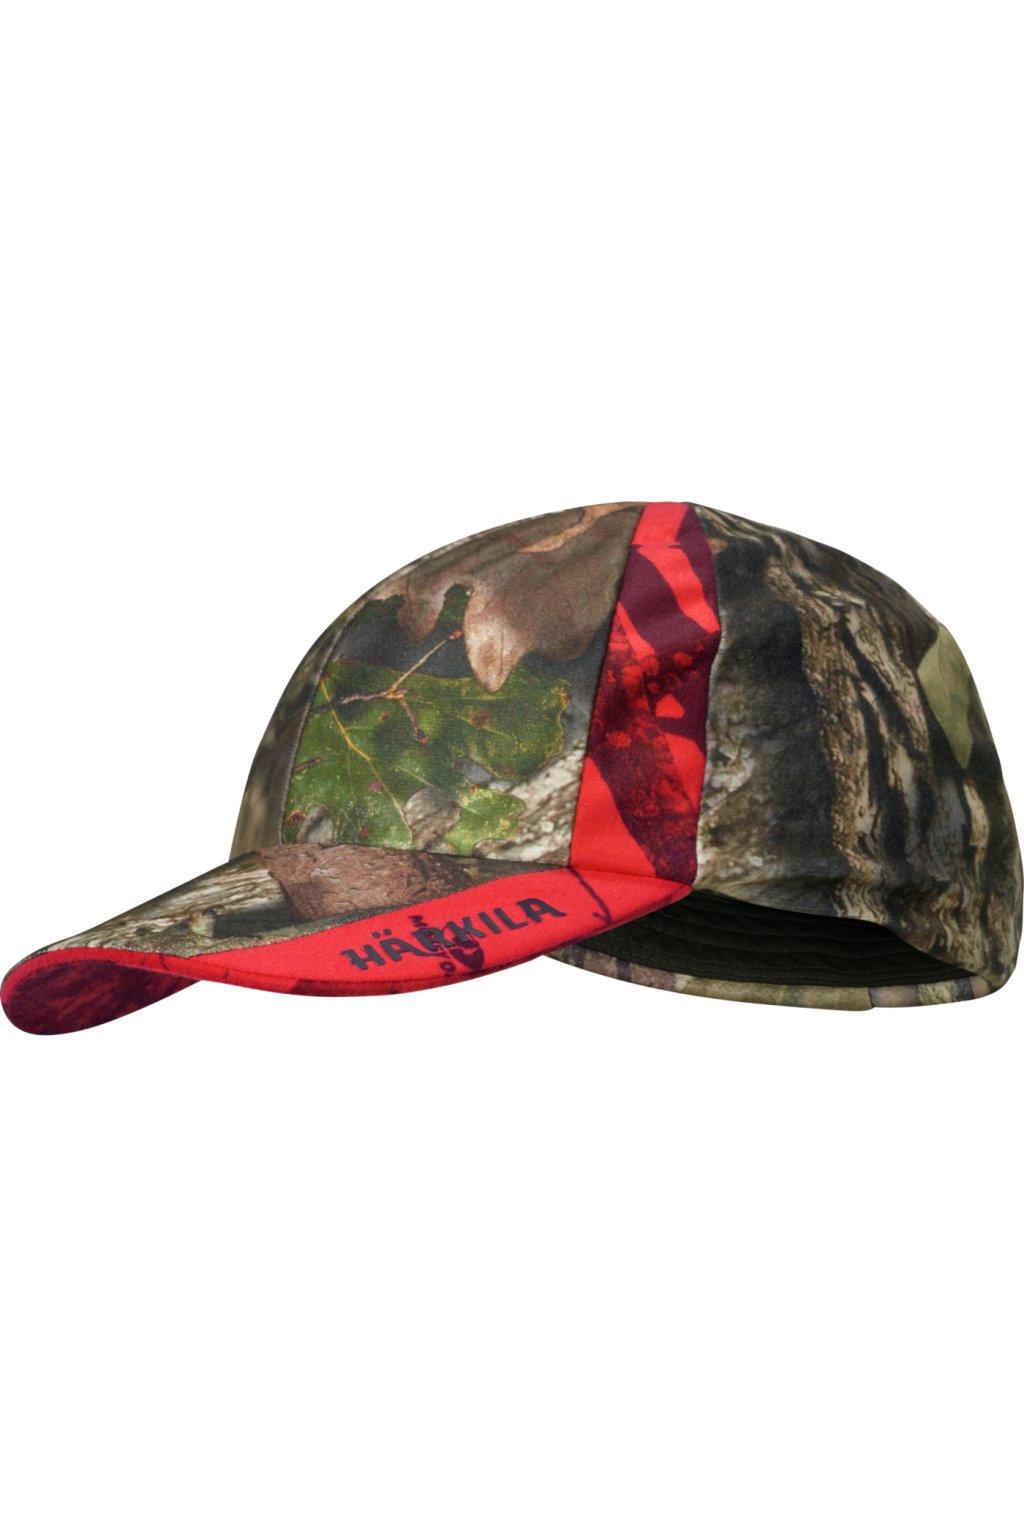 HÄRKILA - Moose Hunter 2.0 cap